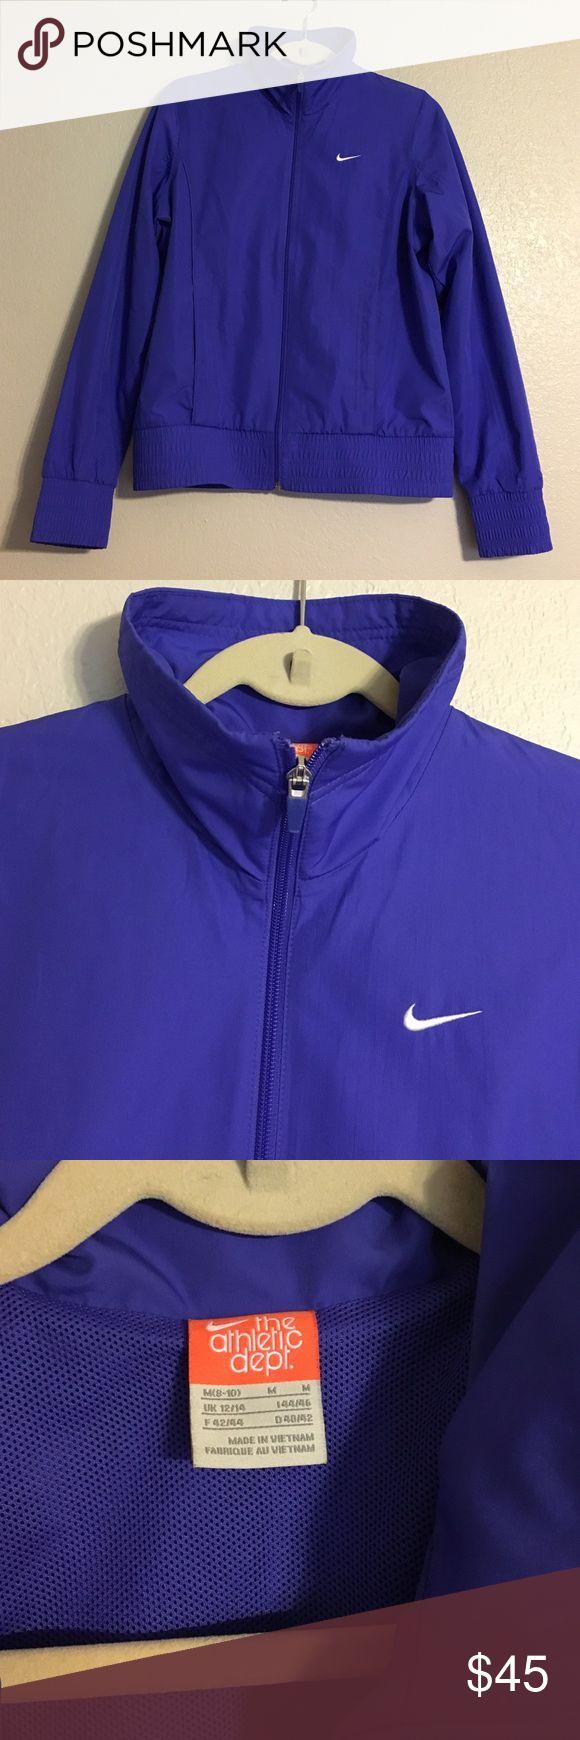 NWOT Nike Unisex DriFit Jacket Unisex drifit jacket my Nike. Waterproof, high collar, front pockets, zipper closure. M(8-10) Nike Jackets & Coats